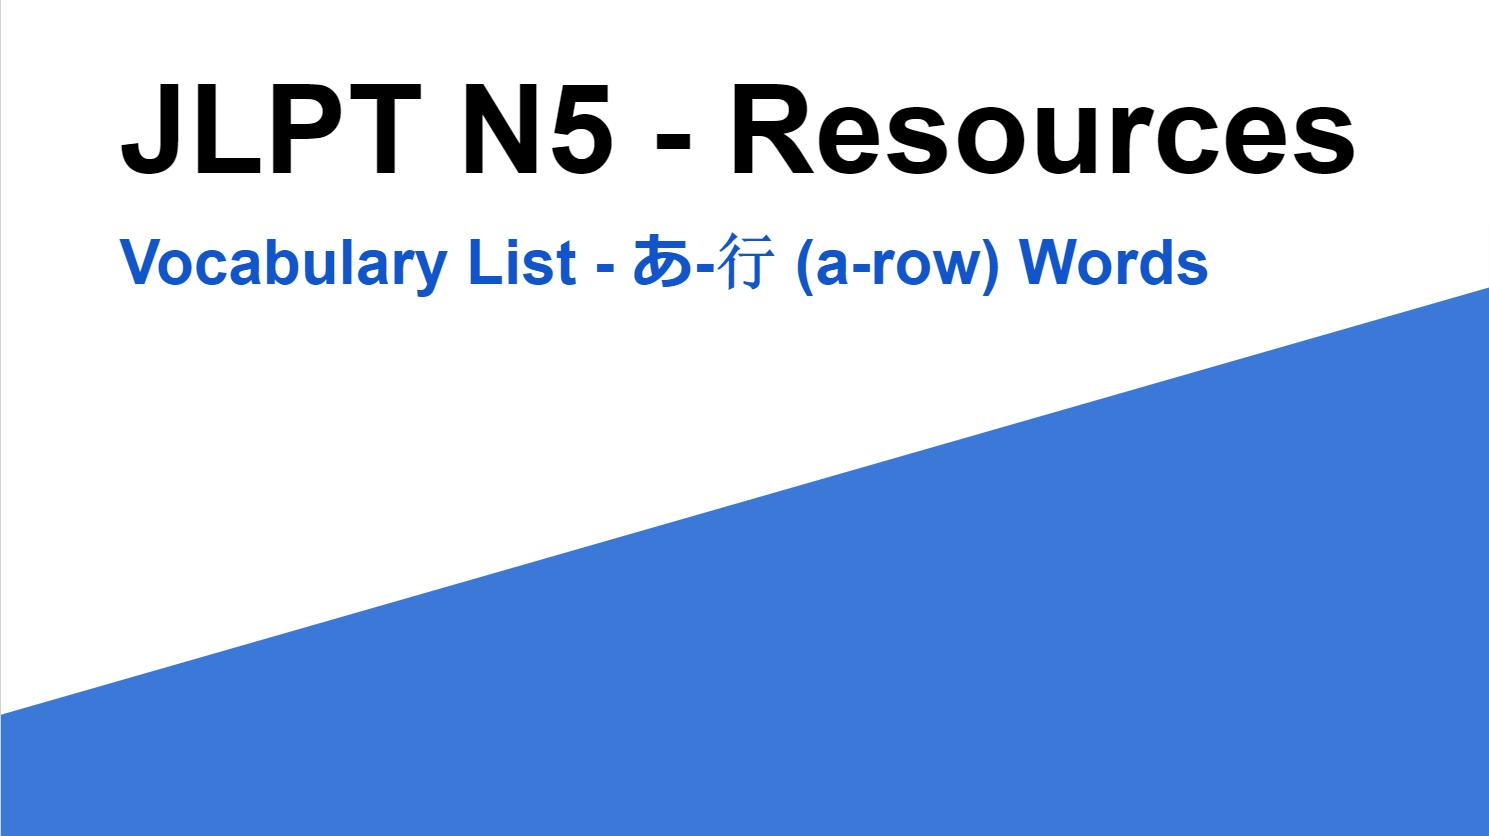 JLPT N5 - Verb List